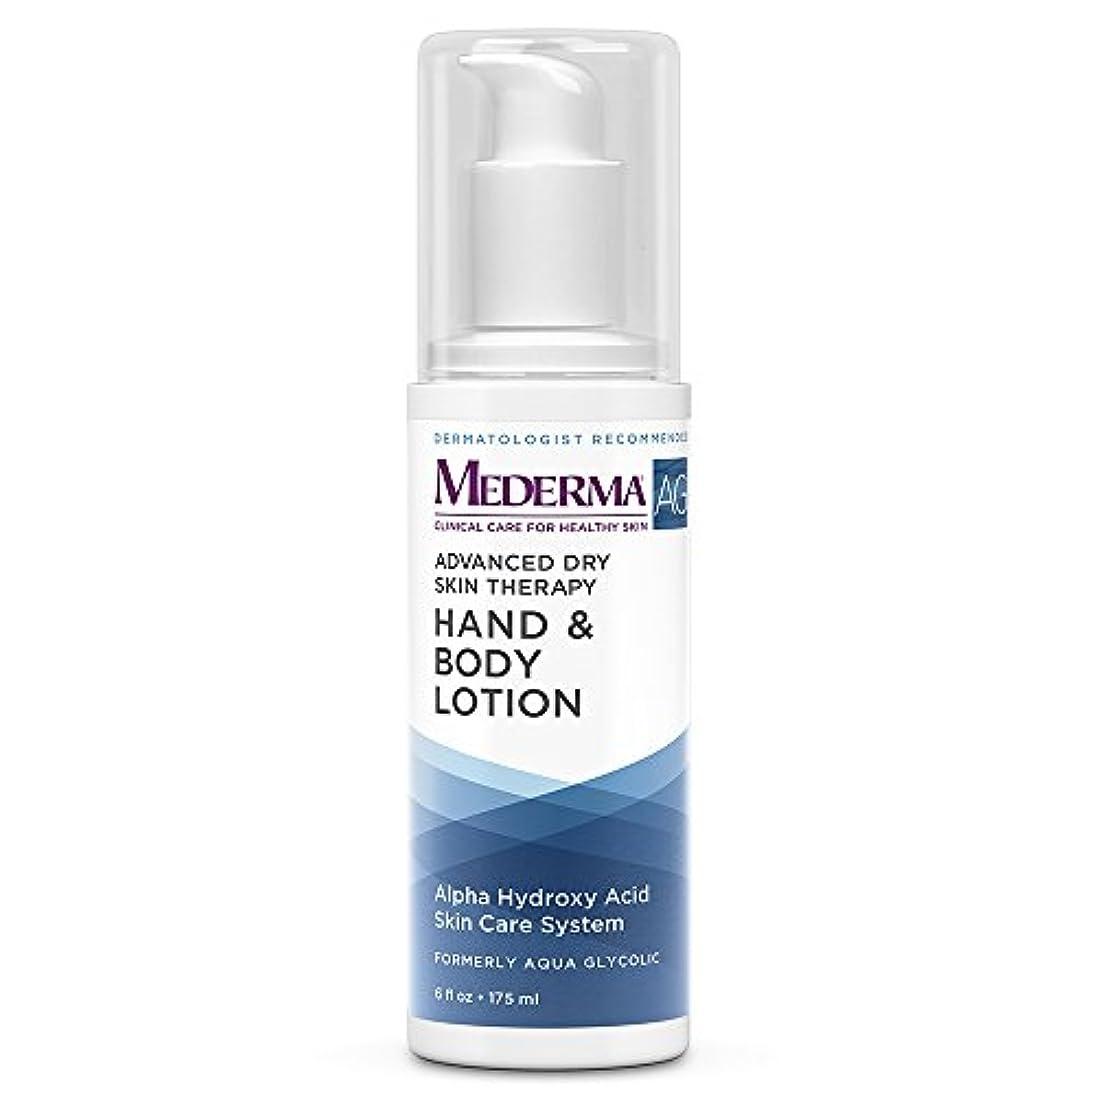 ダイエット句読点何かMederma AG モイスチャライジングハンド&ボディローション - グリコール酸で水分を維持し、ゆっくりと乾燥を削除するには、Sunが損傷した皮膚細胞 - 皮膚科医推奨ブランド - 無香料 - 6オンス